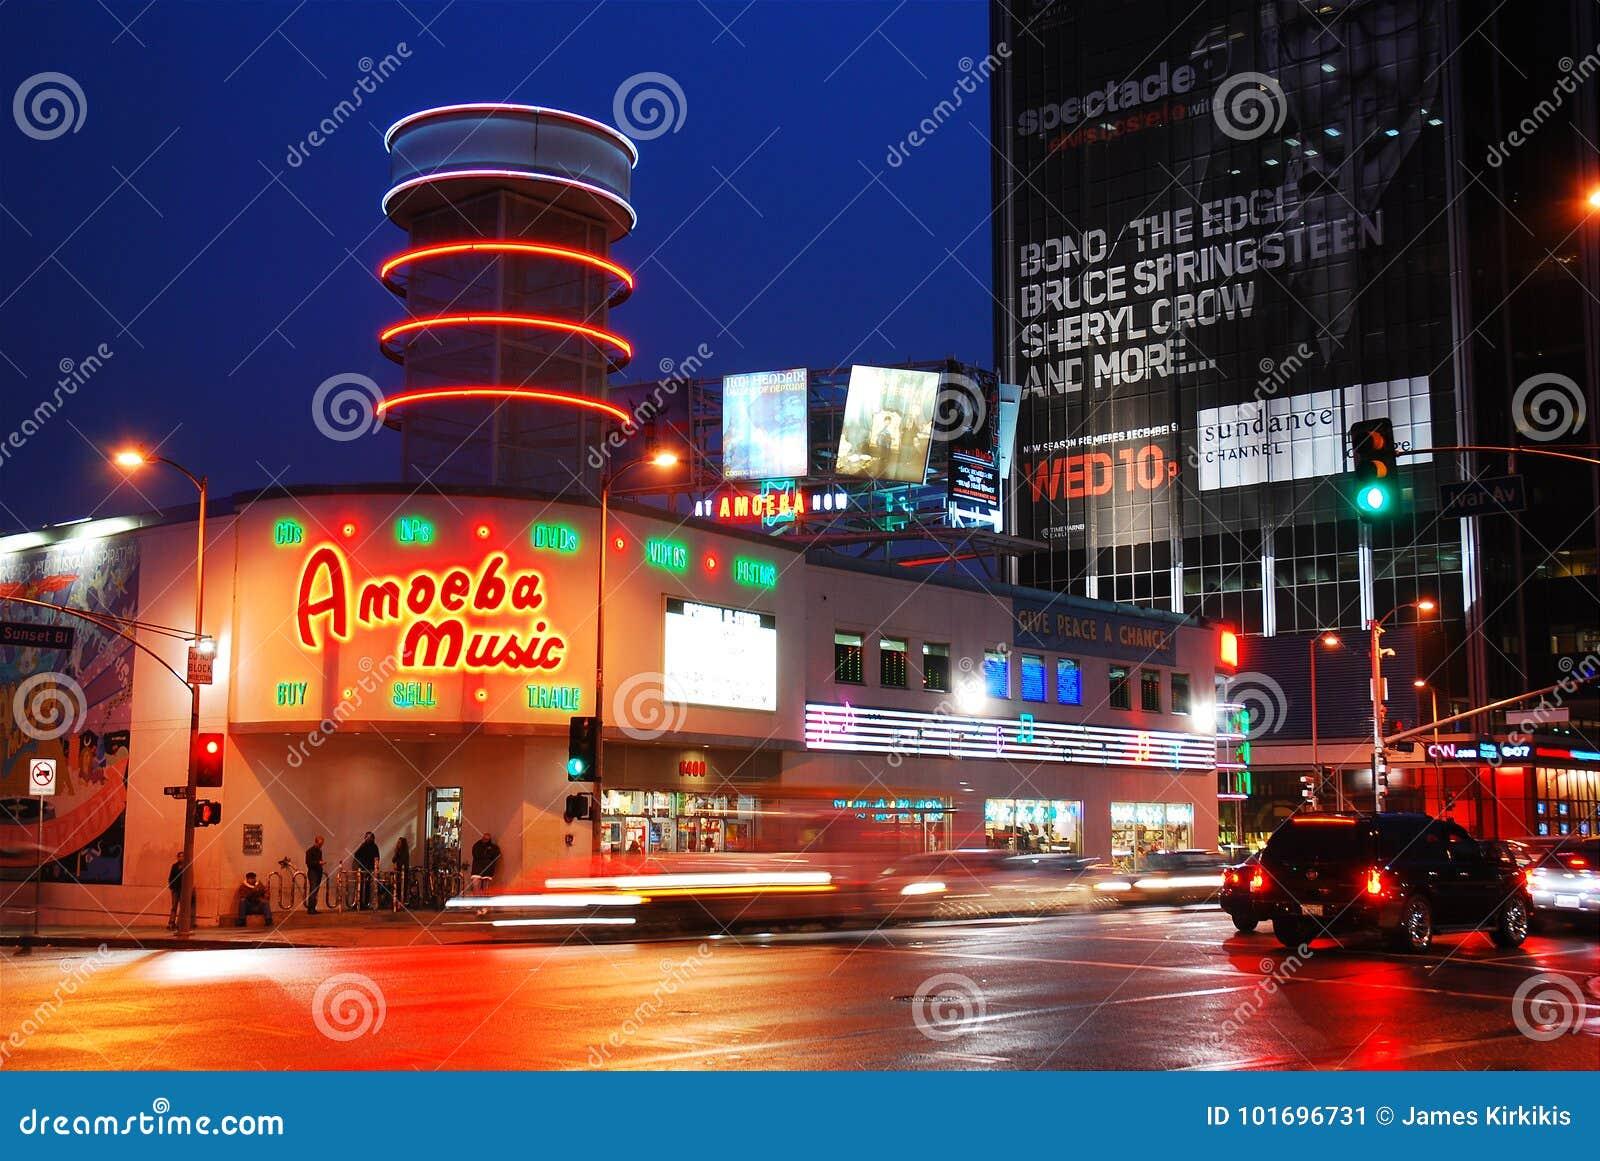 Amoeba Music, Los Angeles